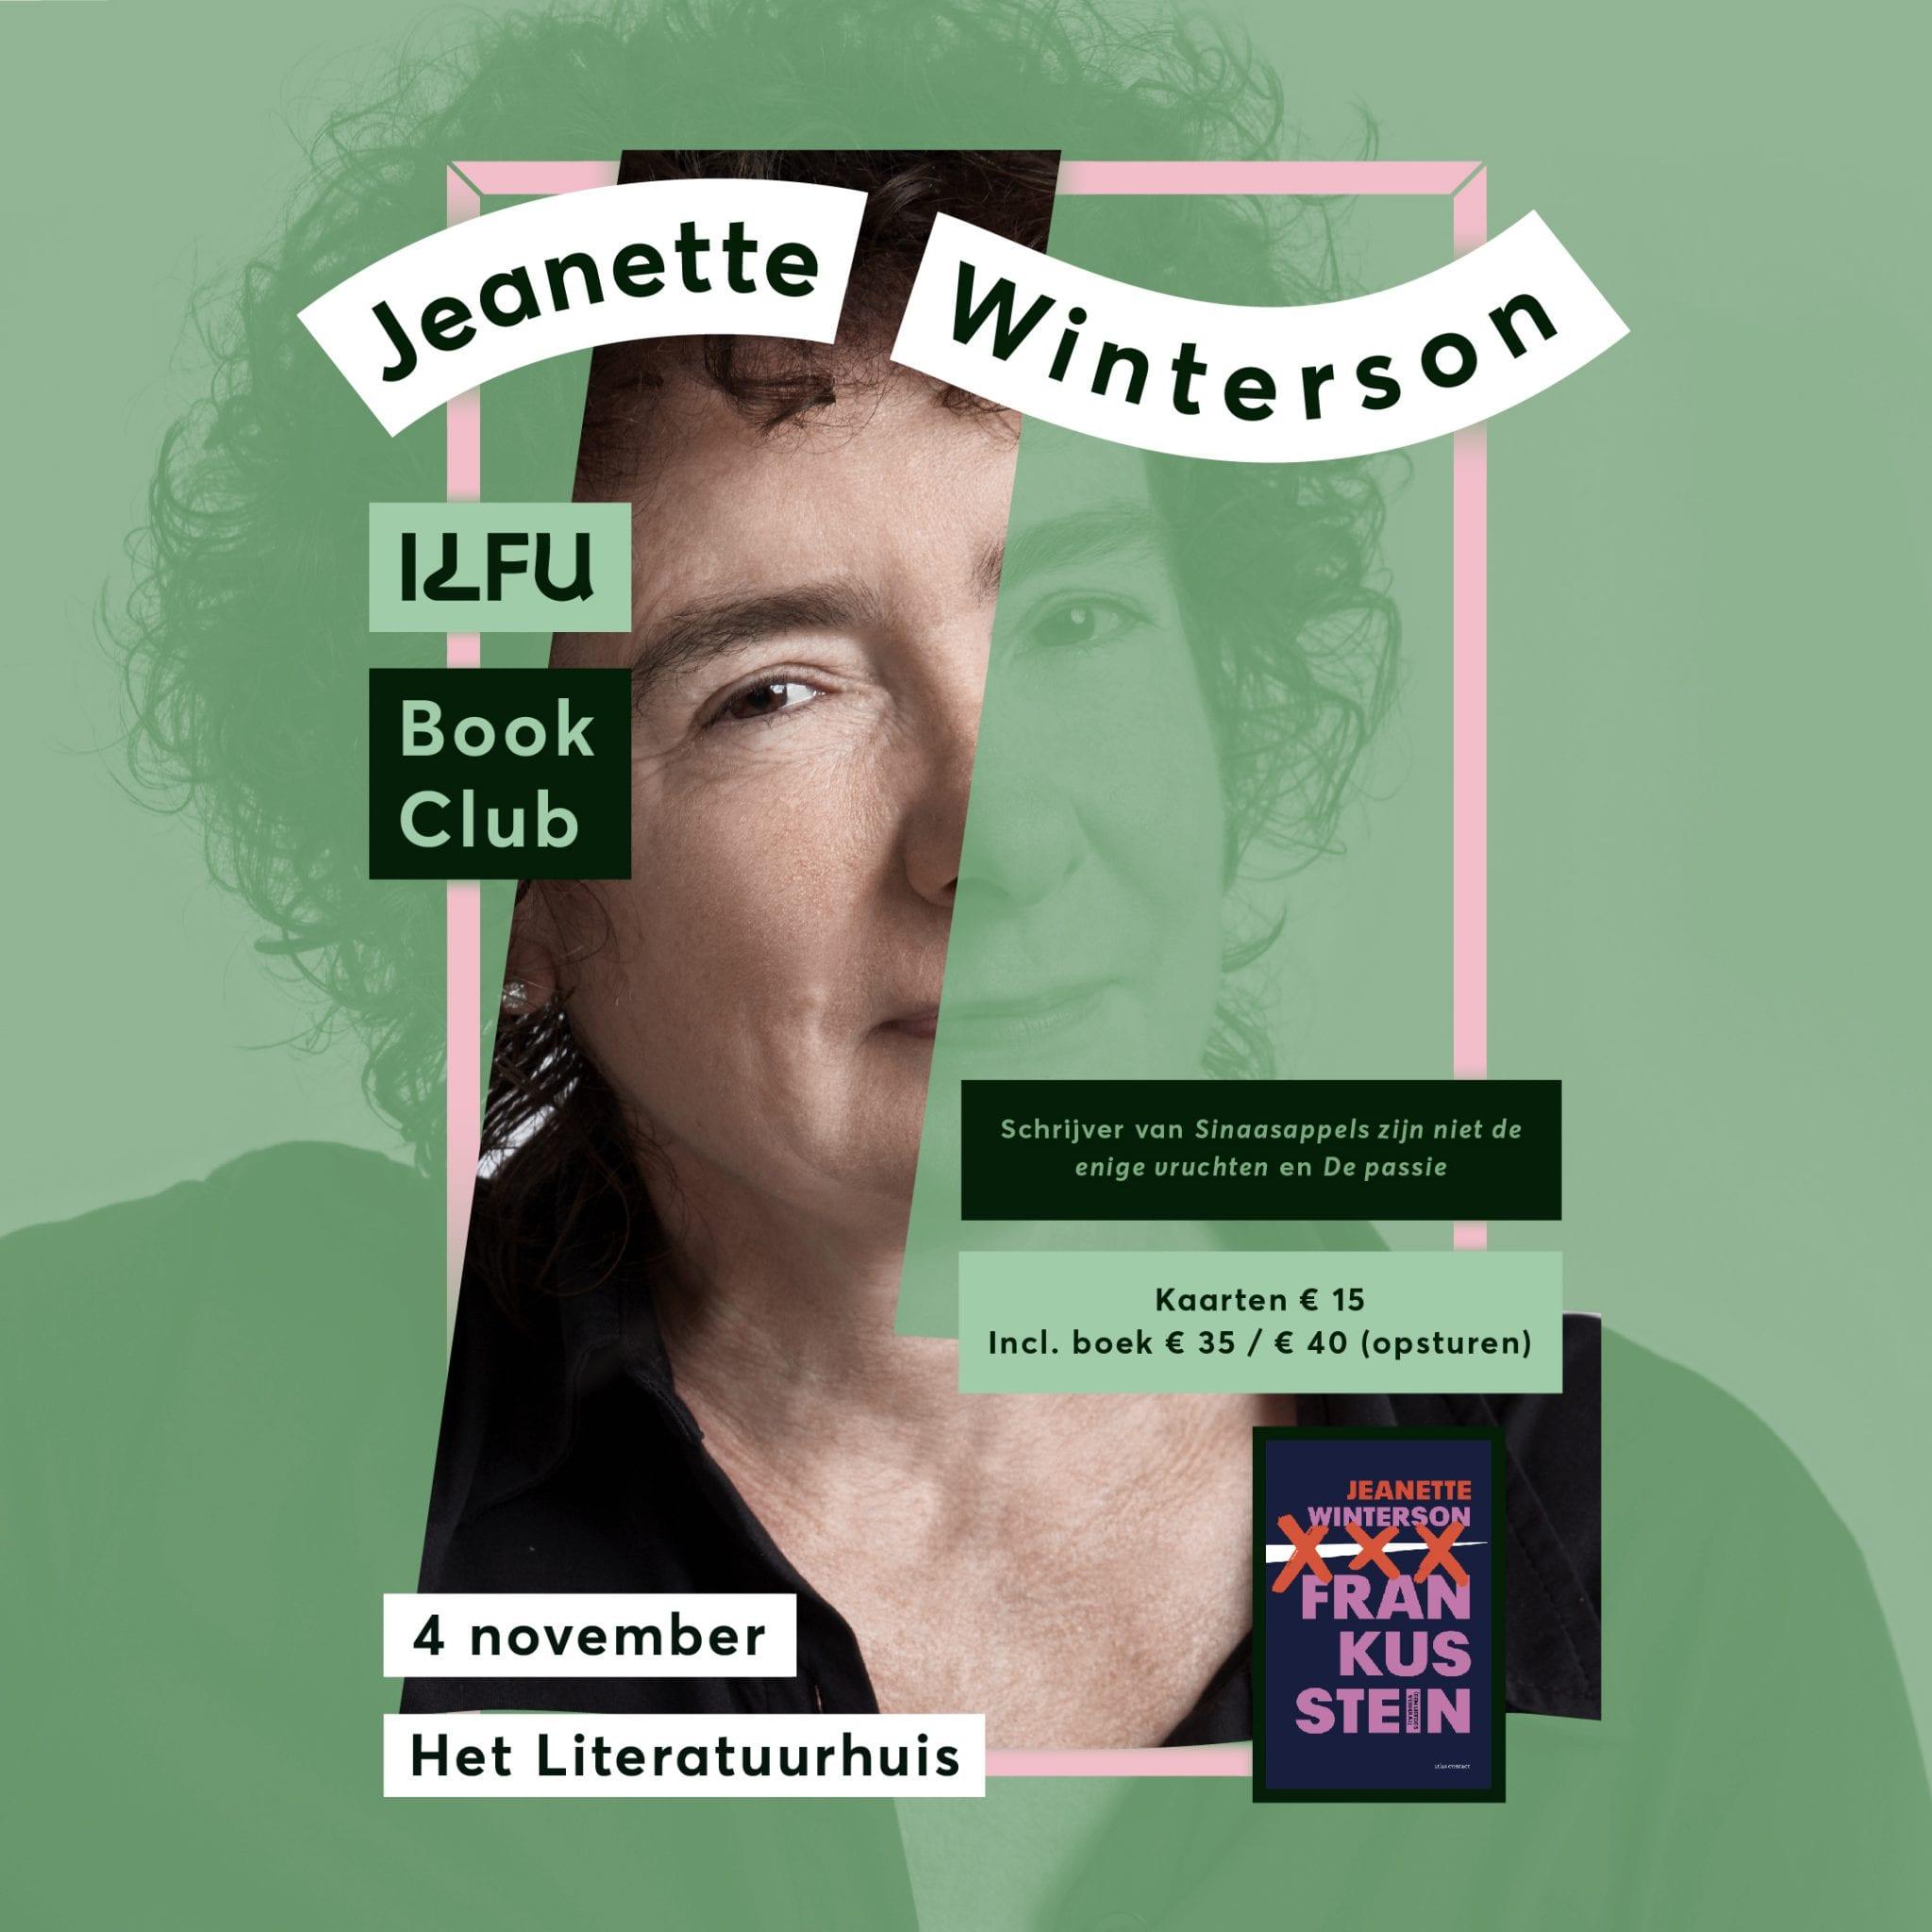 ILFU-Instagram-BookClub-Winterson